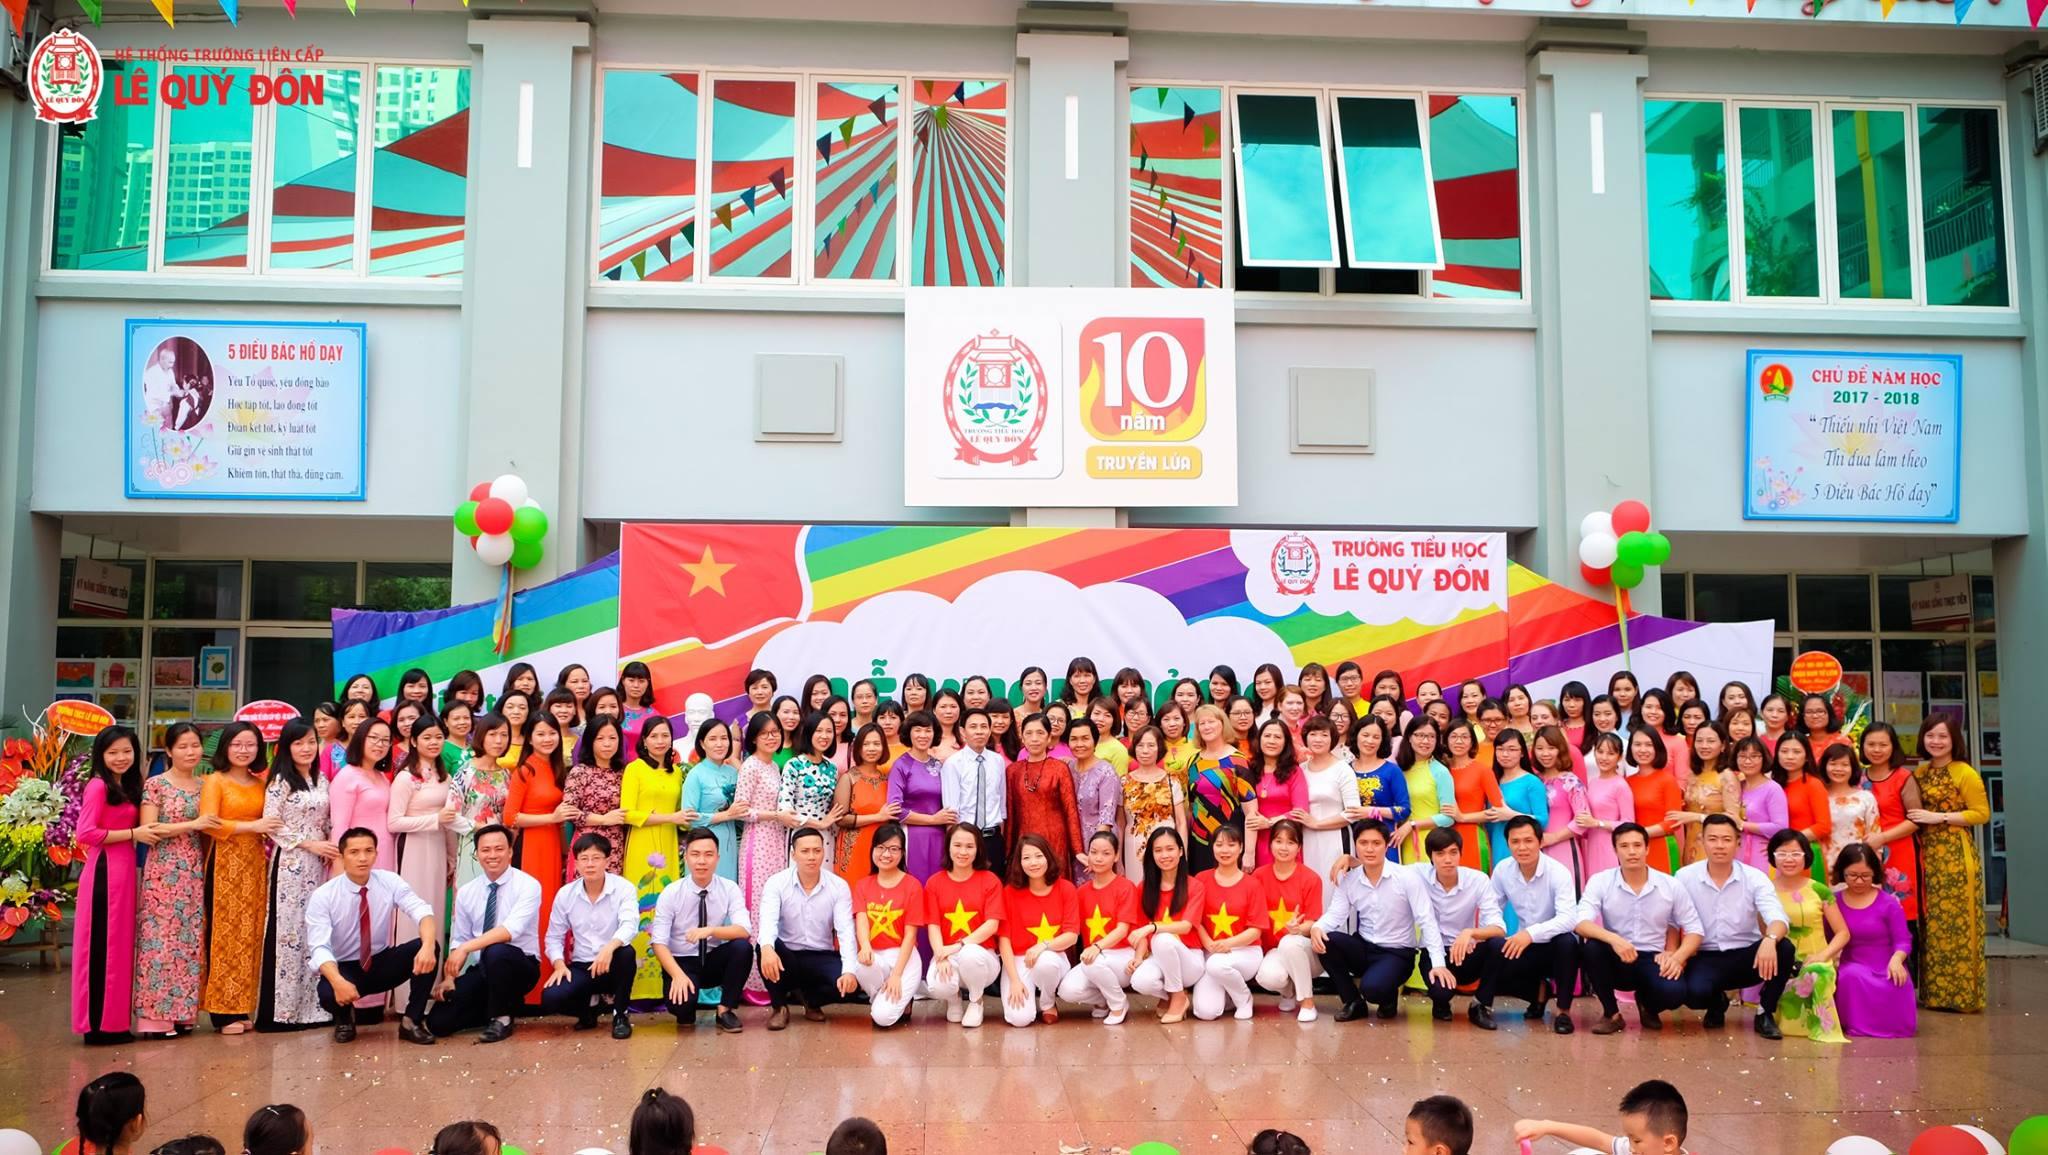 Trường Tiểu Học Lê Quý Đôn Hà Nội Nơi Chắp Cánh Ước Mơ